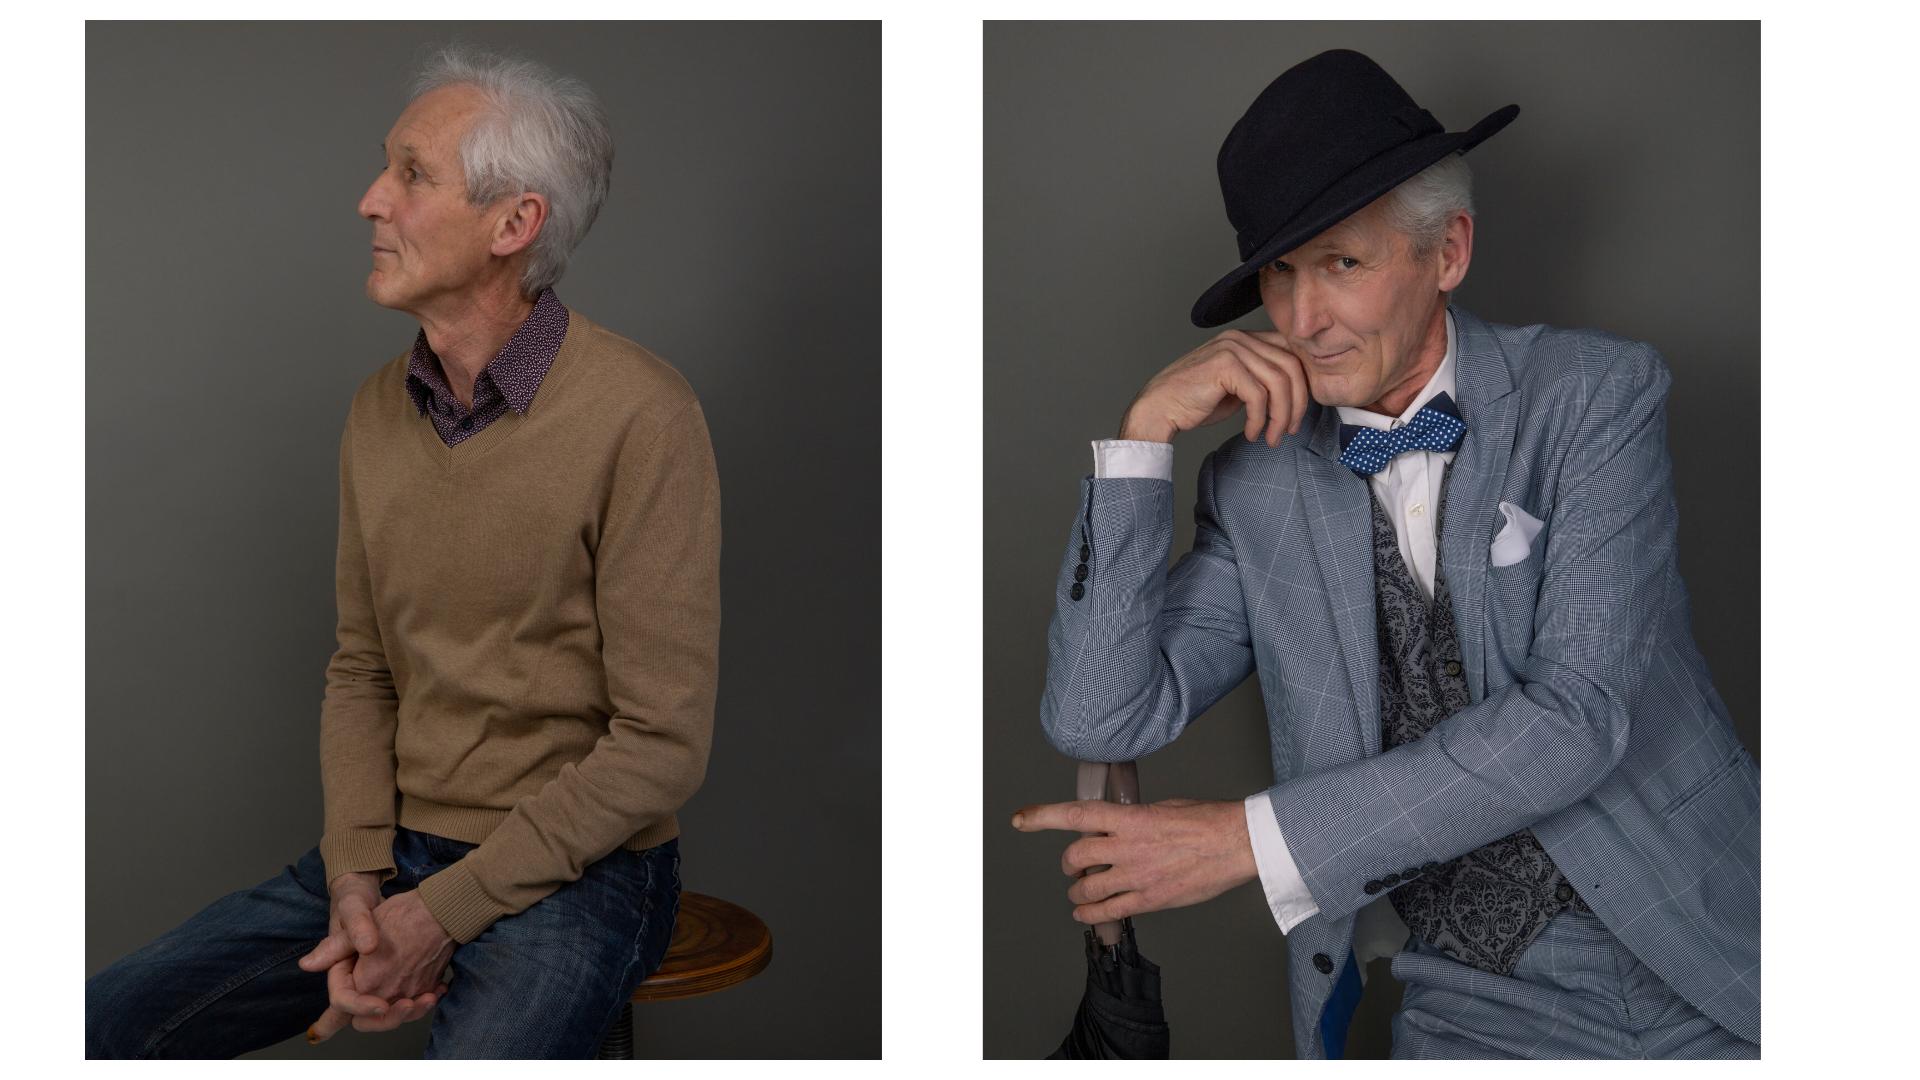 Культурний код: інтерв'ю з людьми поважного віку, які ламають суспільні стереотипи-Фото 6